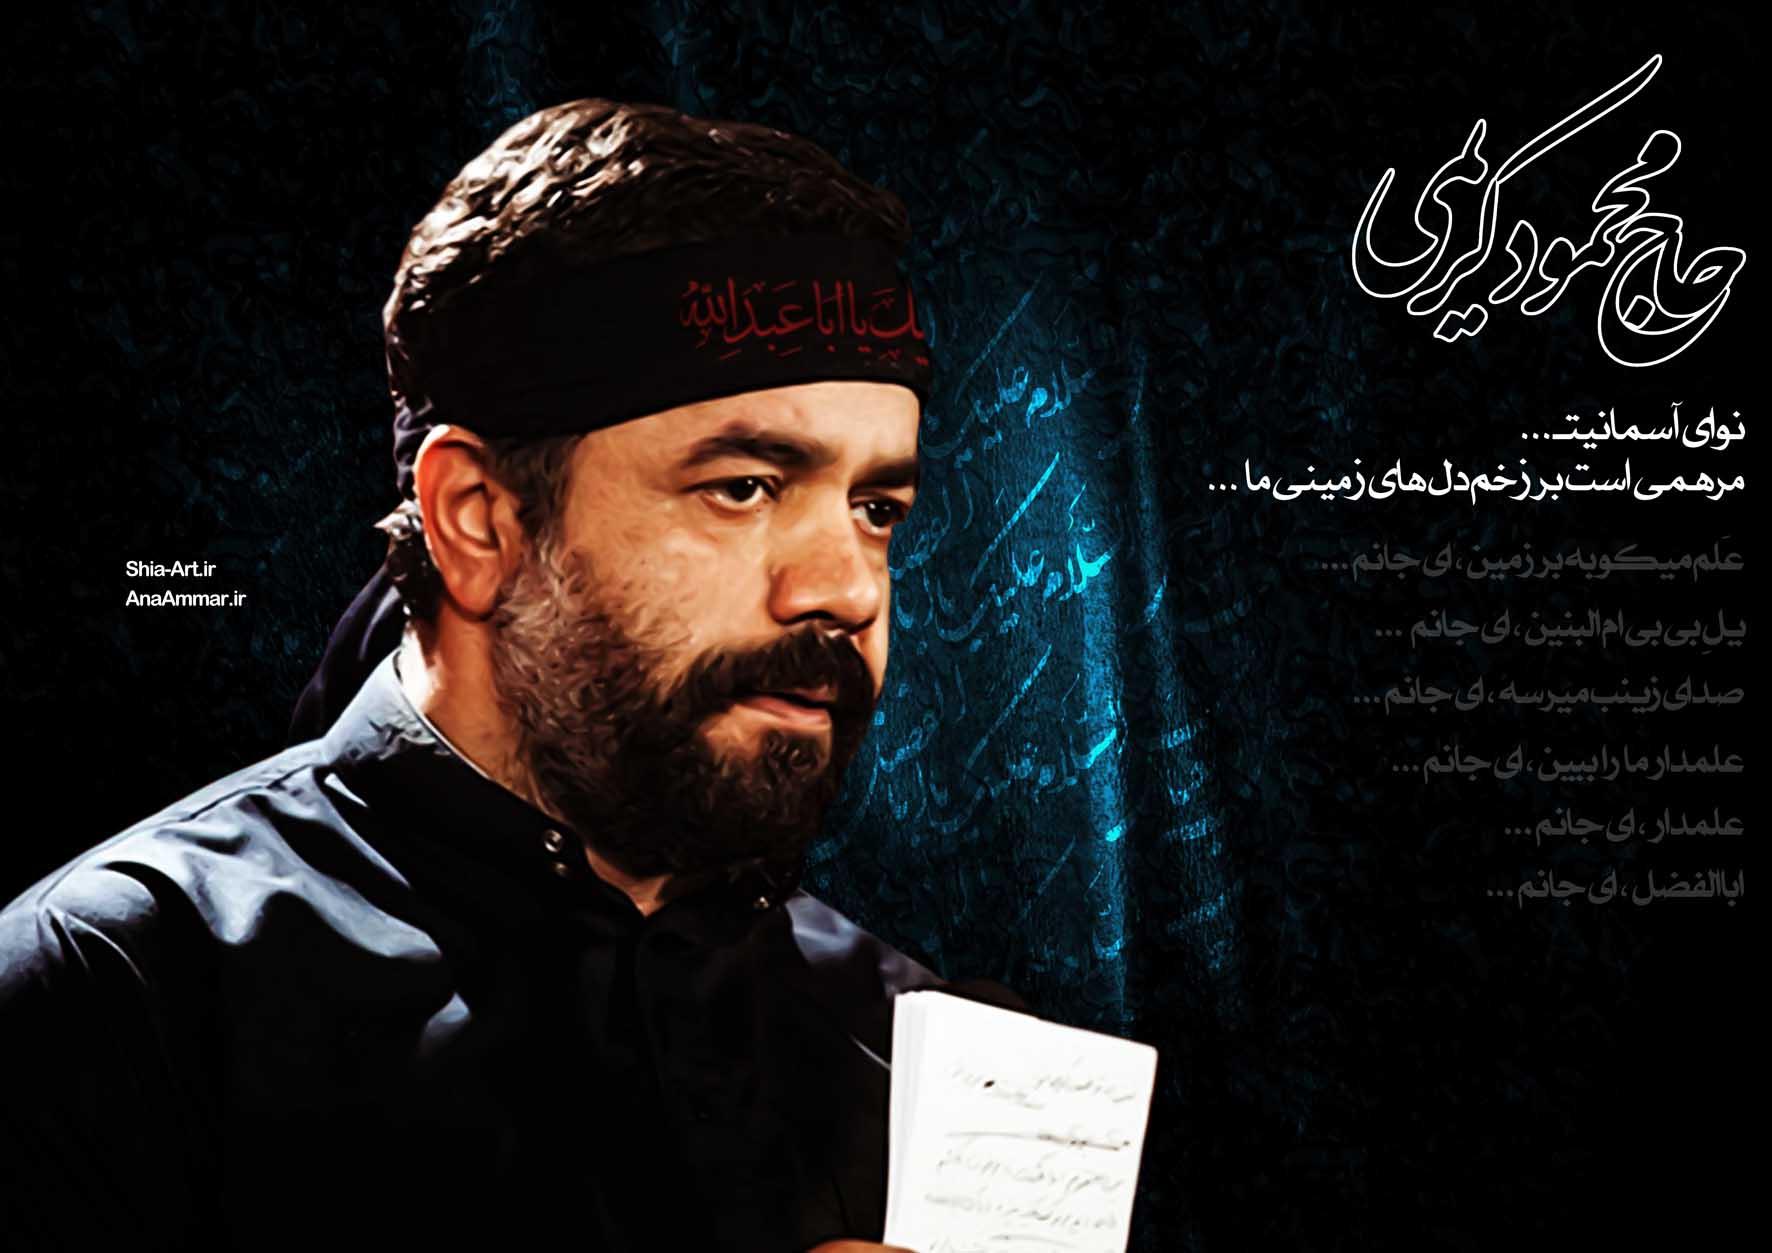 تقدیم به حاج محمود کریمی